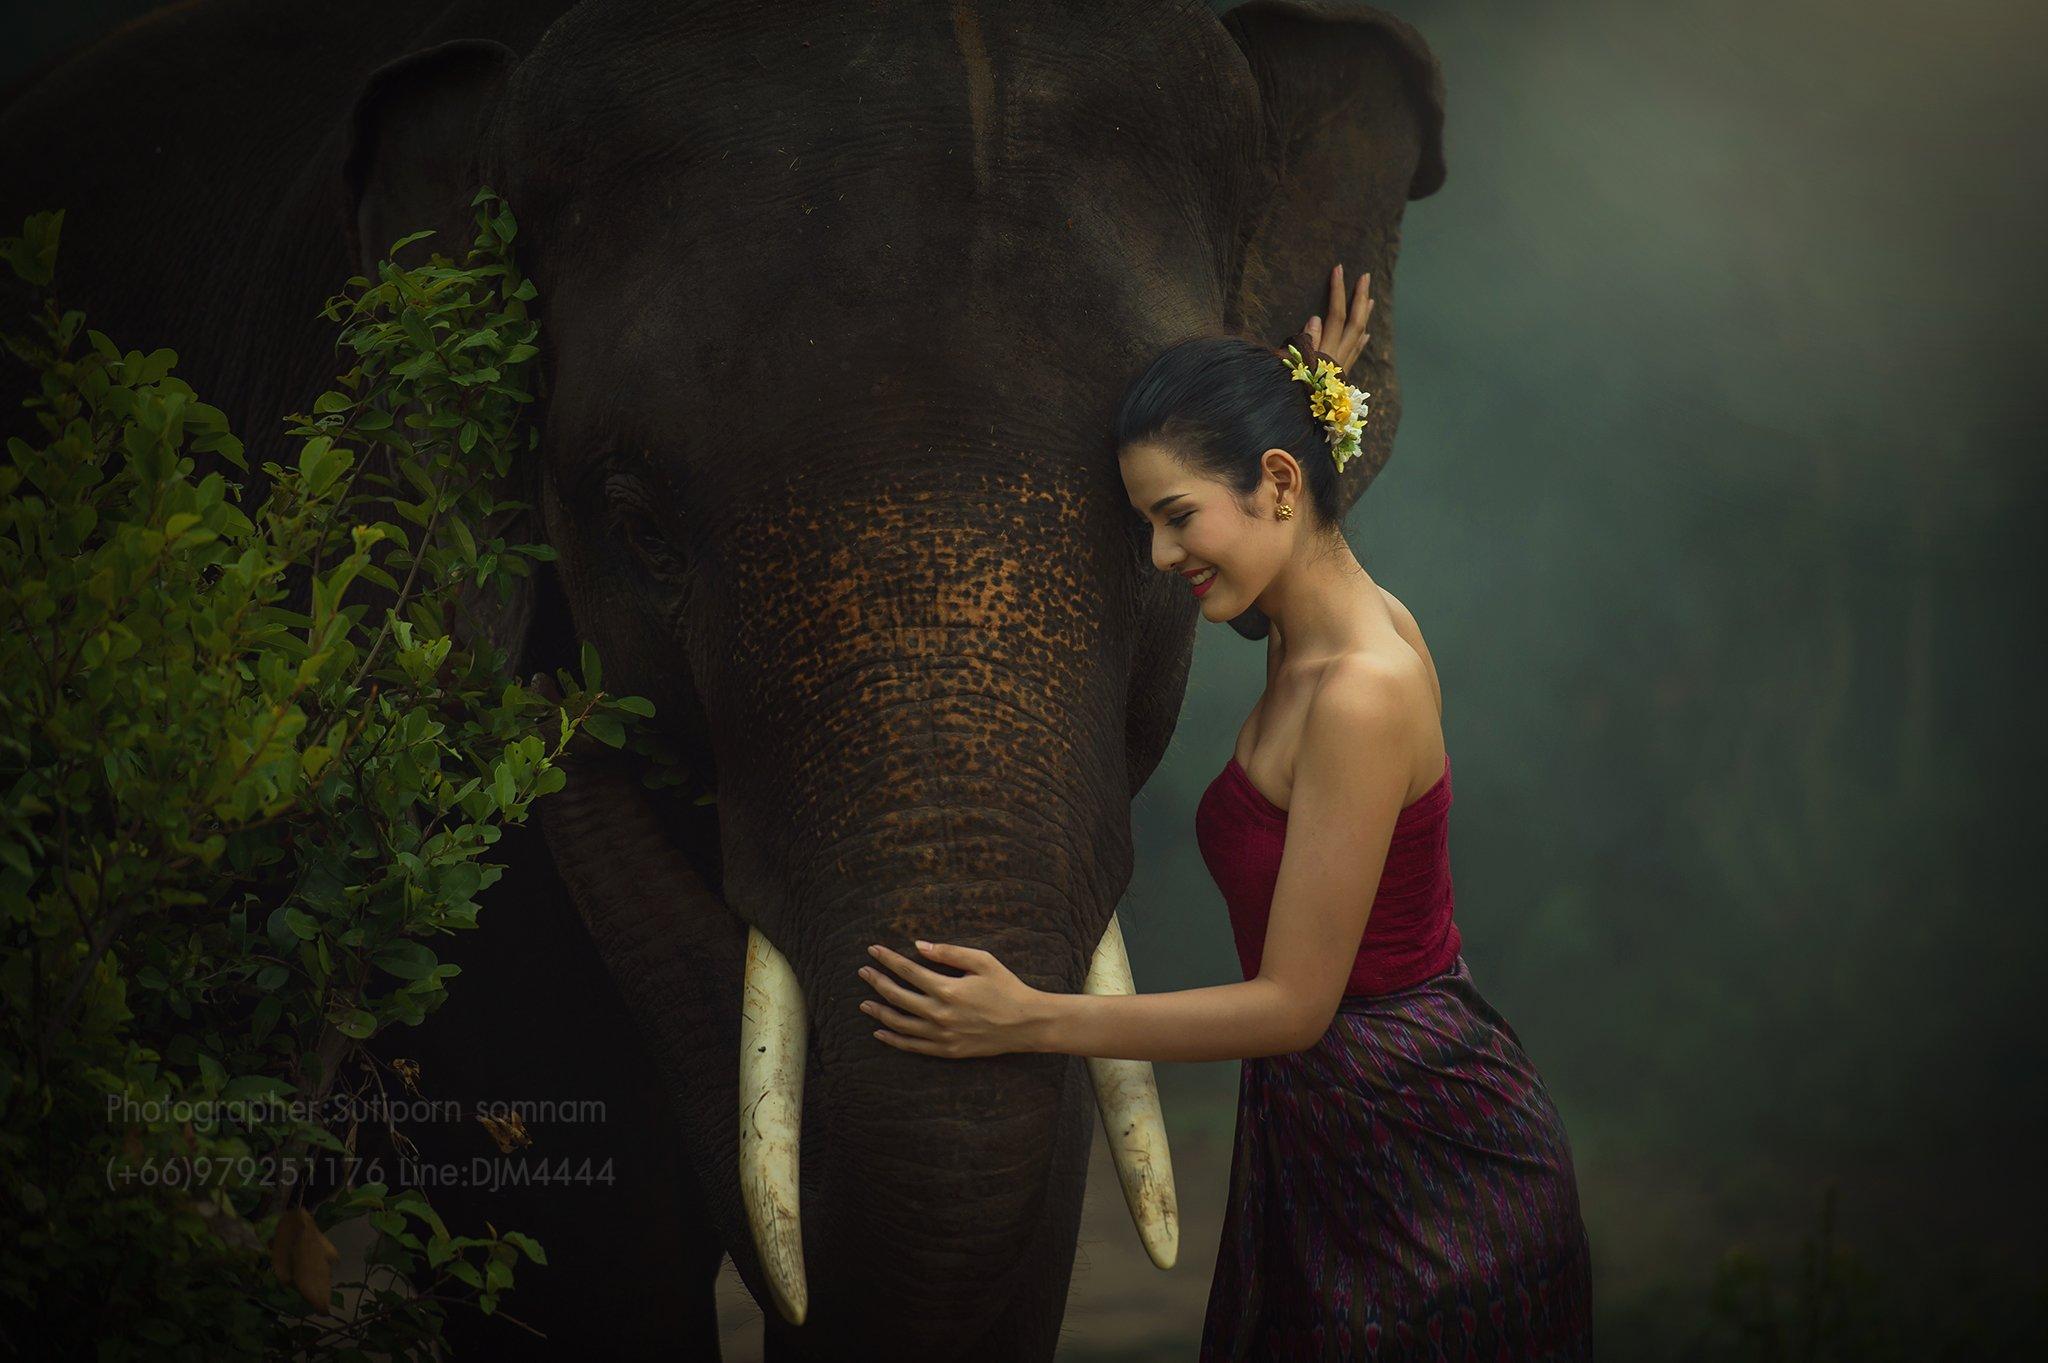 portrait,elephat,asia,cambodia,thai,wildlife,, SUTIPORN SOMNAM